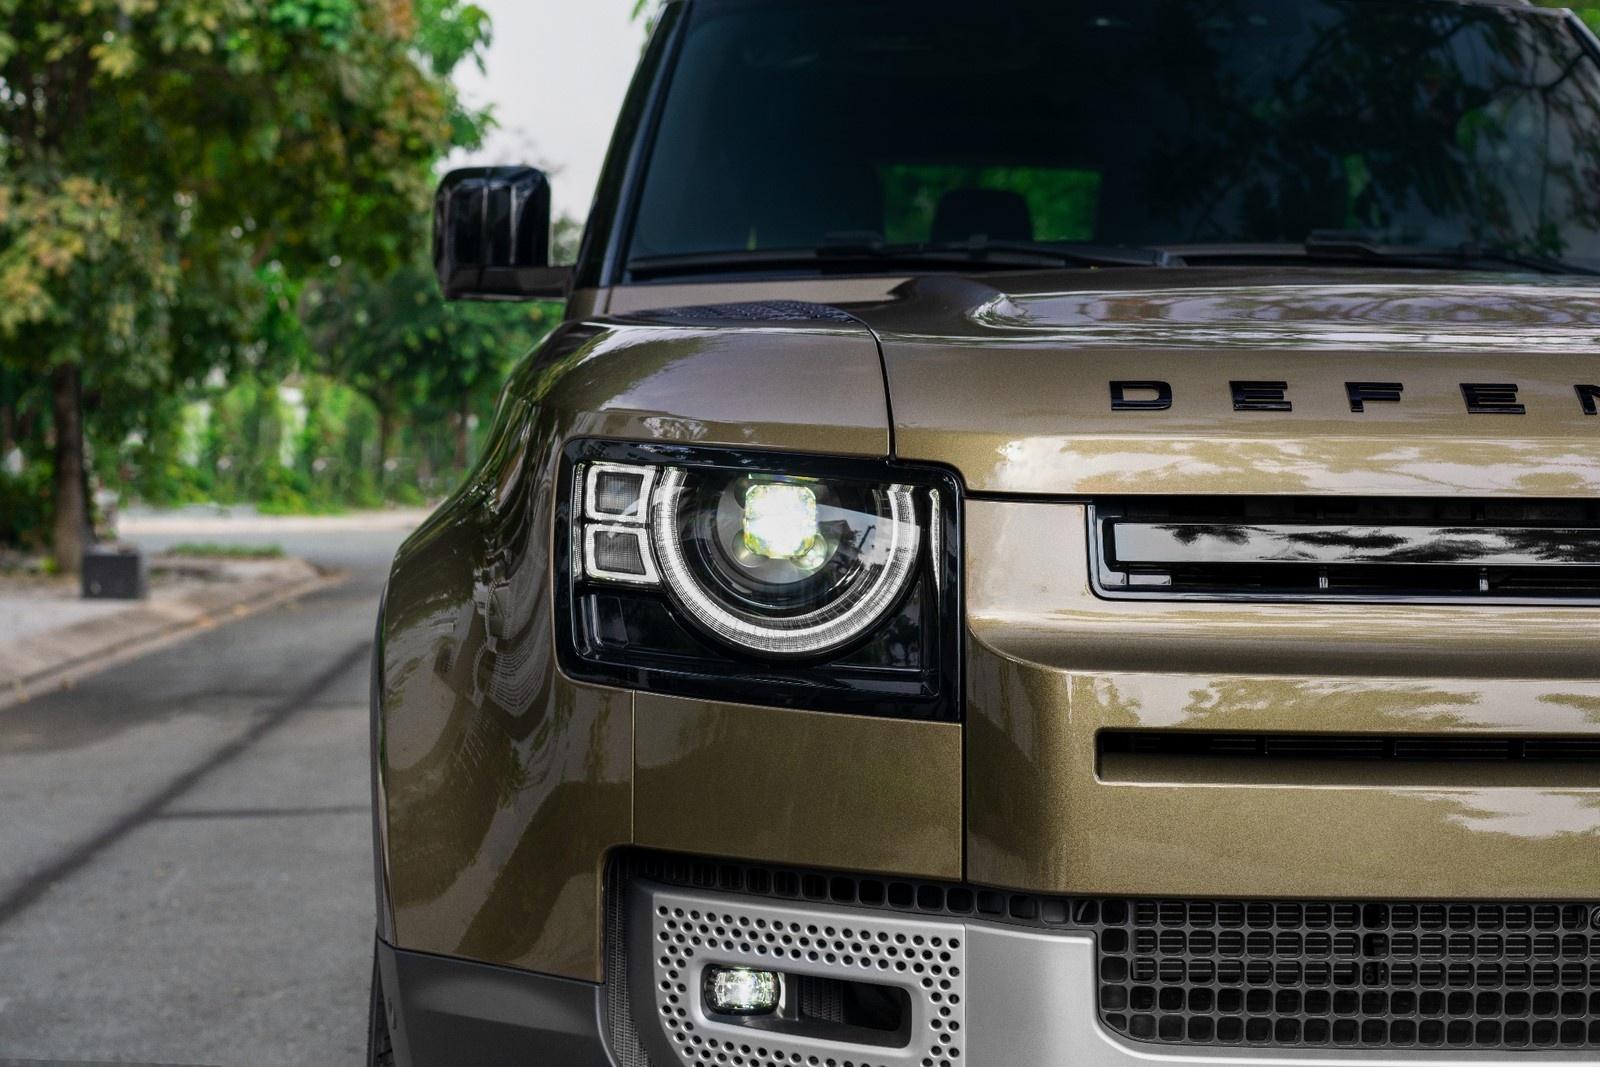 land rover defender 90 phien ban 3 cua da co mat tai viet nam